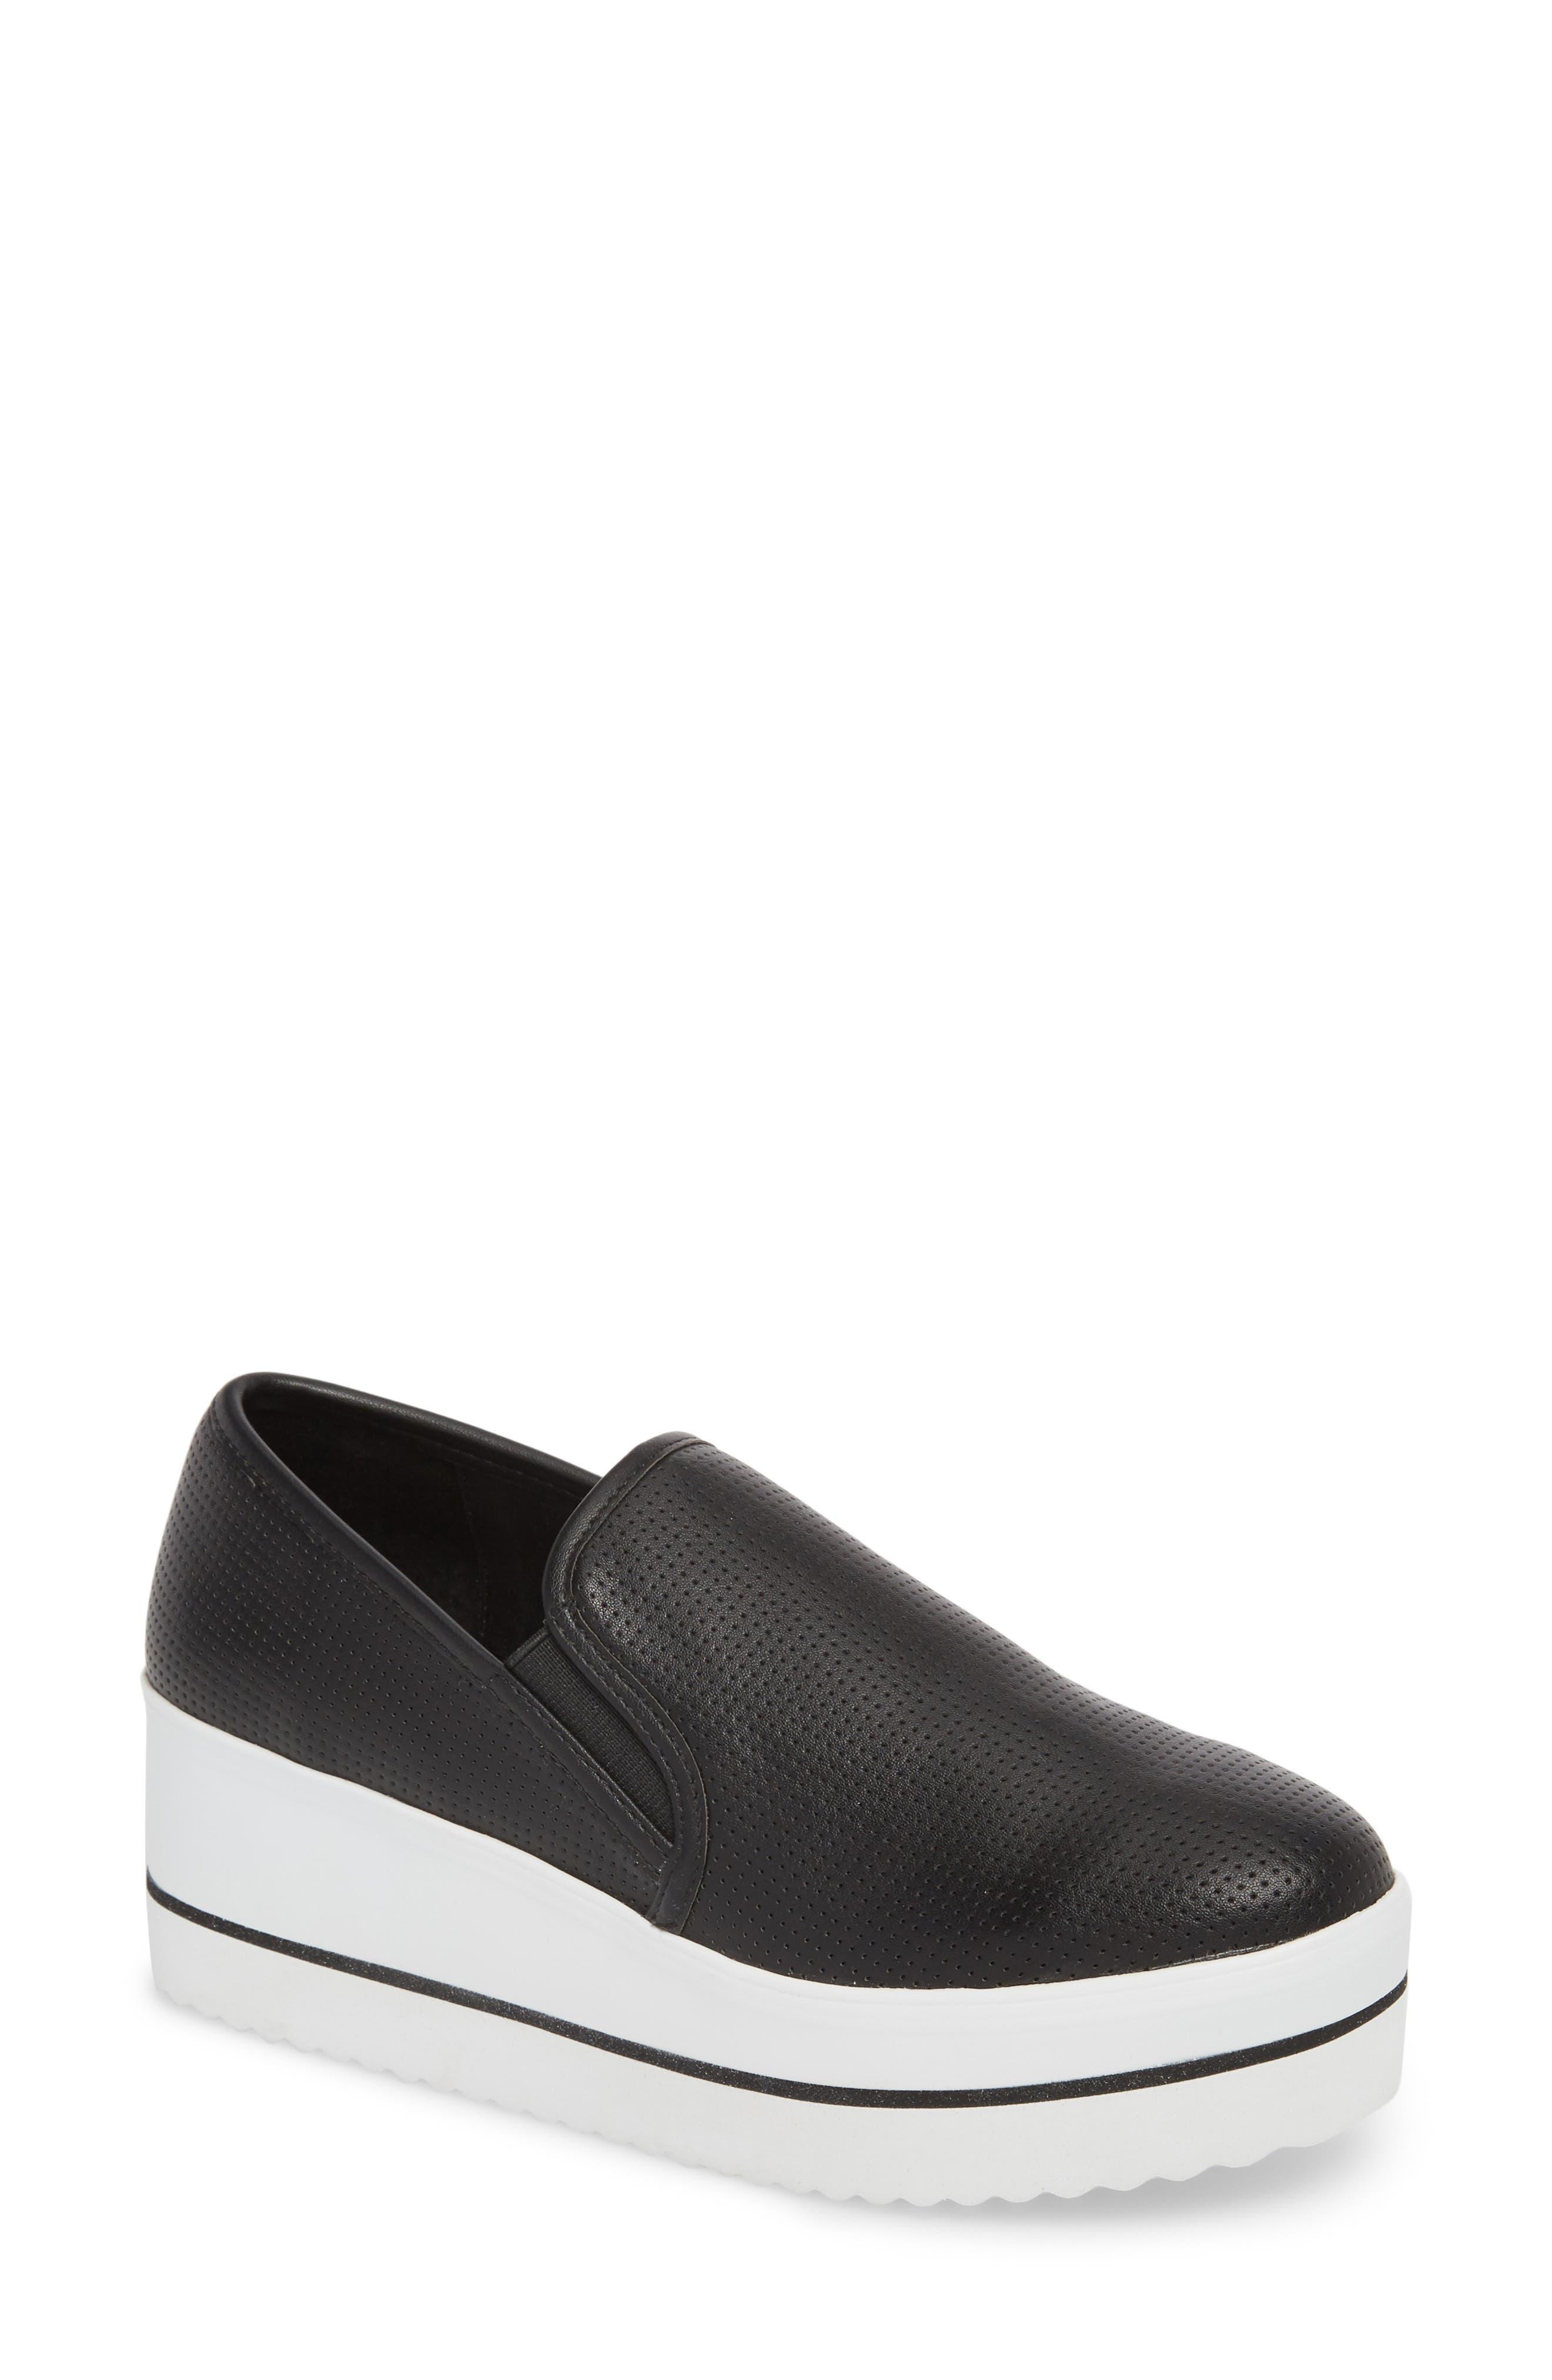 Steve Madden Becca Slip-On Sneaker (Women)